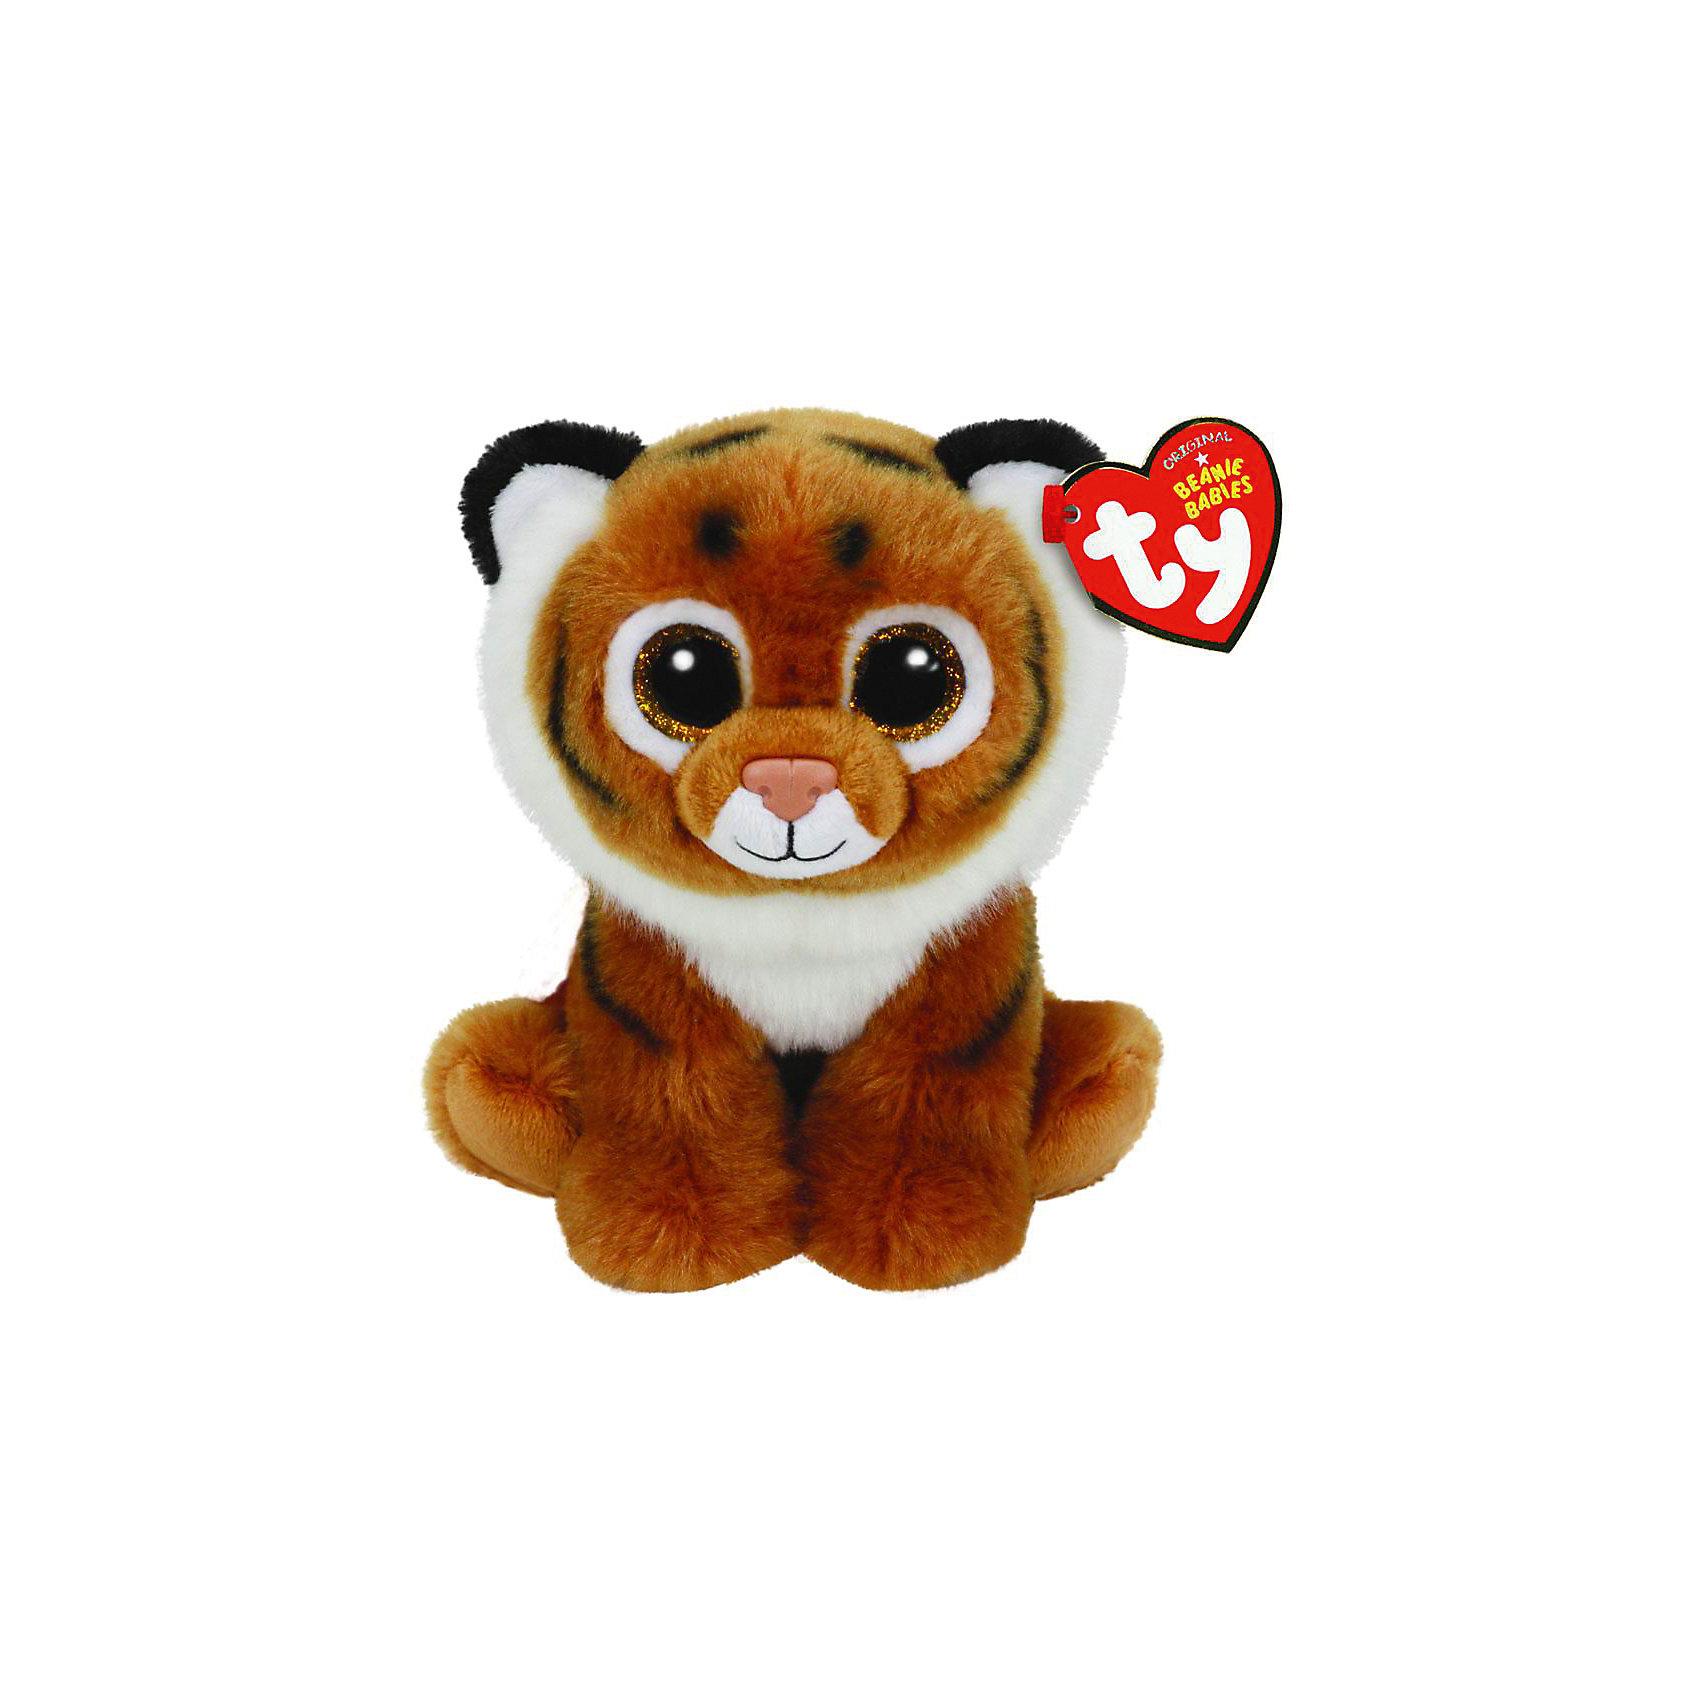 Тигренок Tiggs, 20 смМягкие игрушки животные<br>Тигренок Tiggs, 20 см, звуковые эффекты – игрушка от бренда TY Inc (ТАЙ Инкорпорейтед), знаменитого своими мягкими игрушками, в качестве наполнителя для которых используются гранулы. Тигренок выполнен из качественного и гипоаллергенного плюша рыжего и белого цветов, на который нанесены черные полоски. У игрушки большие выразительные глаза. Используемые материалы делают игрушку прочной, устойчивой к изменению цвета и формы, ее разрешается стирать.<br>Тигренок Tiggs, 20 см, звуковые эффекты TY Inc непременно станет любимой игрушкой для вашего ребенка, а уникальный наполнитель будет способствовать  не  только развитию мелкой моторики пальцев, но и оказывать релаксирующее воздействие. Игрушка оснащена звуковыми эффектами. <br><br>Дополнительная информация:<br><br>- Вид игр: сюжетно-ролевые игры, интерьерные игрушки, для коллекционирования<br>- Предназначение: для дома<br>- Материал: плюш, наполнитель ? гранулы<br>- Высота: 20 см<br>- Особенности ухода: разрешается стирка<br><br>Подробнее:<br><br>• Для детей в возрасте: от 12 месяцев и до 5 лет <br>• Страна производитель: Китай<br>• Торговый бренд: TY Inc <br><br>Тигренка Tiggs, 20 см, звуковые эффекты можно купить в нашем интернет-магазине.<br><br>Ширина мм: 168<br>Глубина мм: 101<br>Высота мм: 88<br>Вес г: 105<br>Возраст от месяцев: 12<br>Возраст до месяцев: 60<br>Пол: Унисекс<br>Возраст: Детский<br>SKU: 4023930